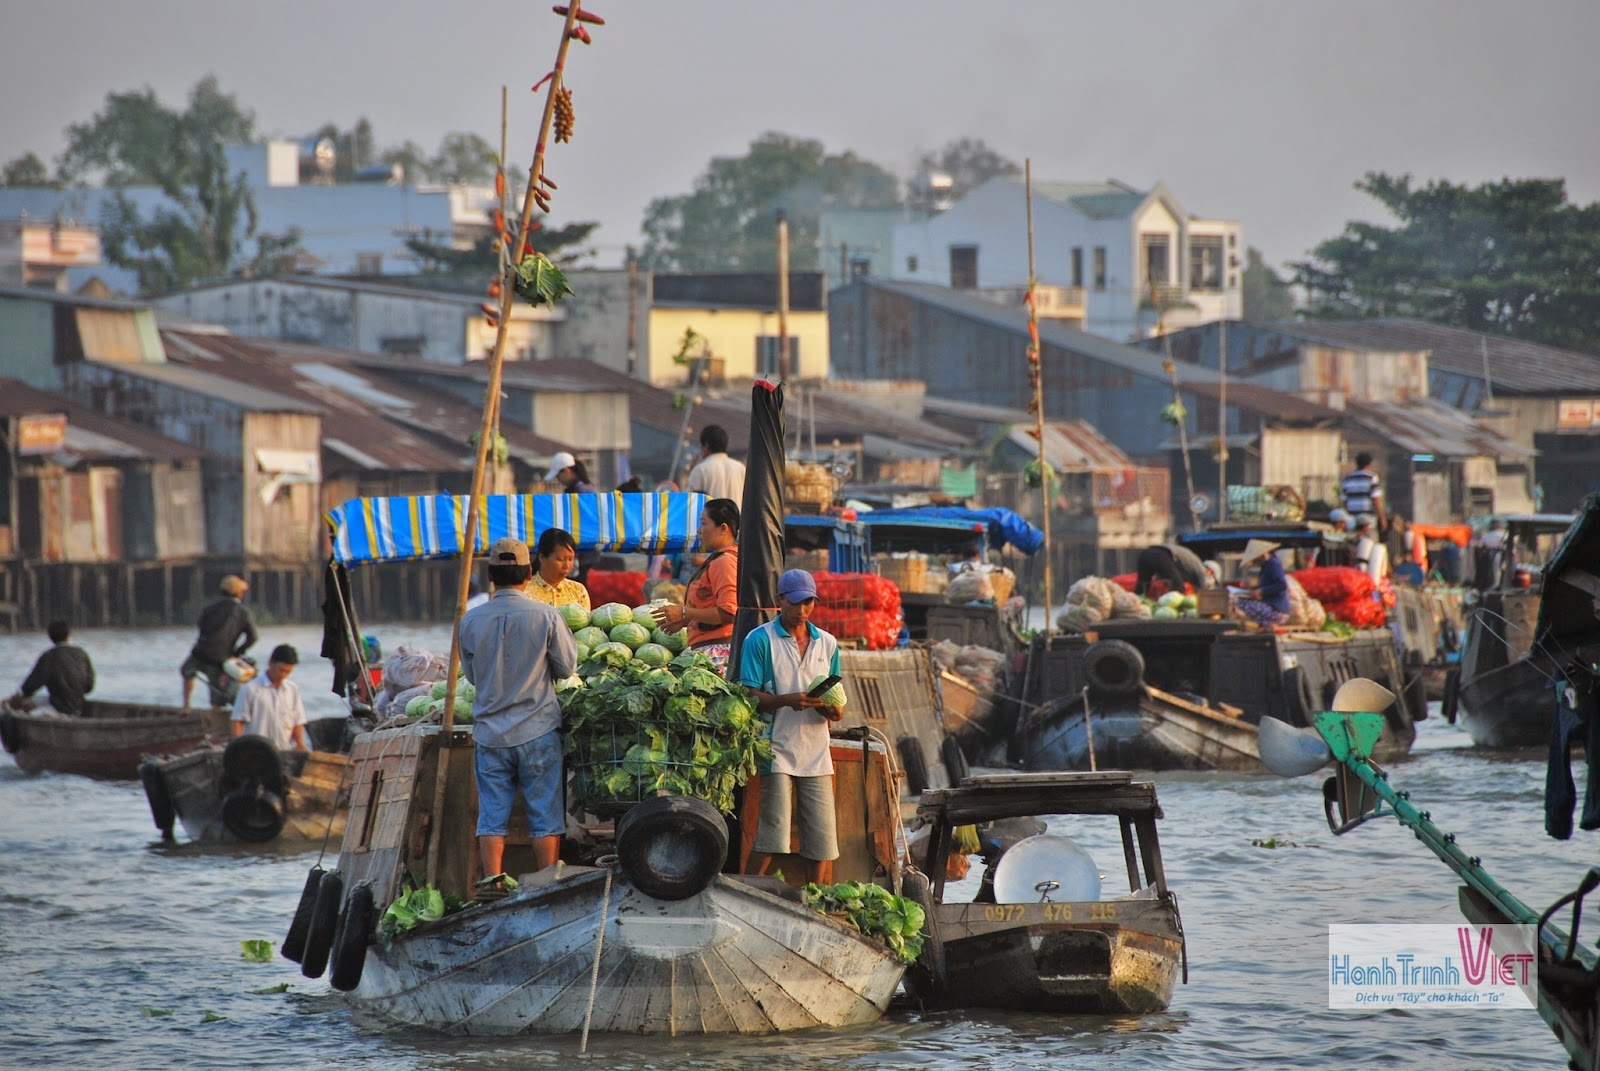 Tham quan chợ nổi Cái Răng vào buổi sớm mai